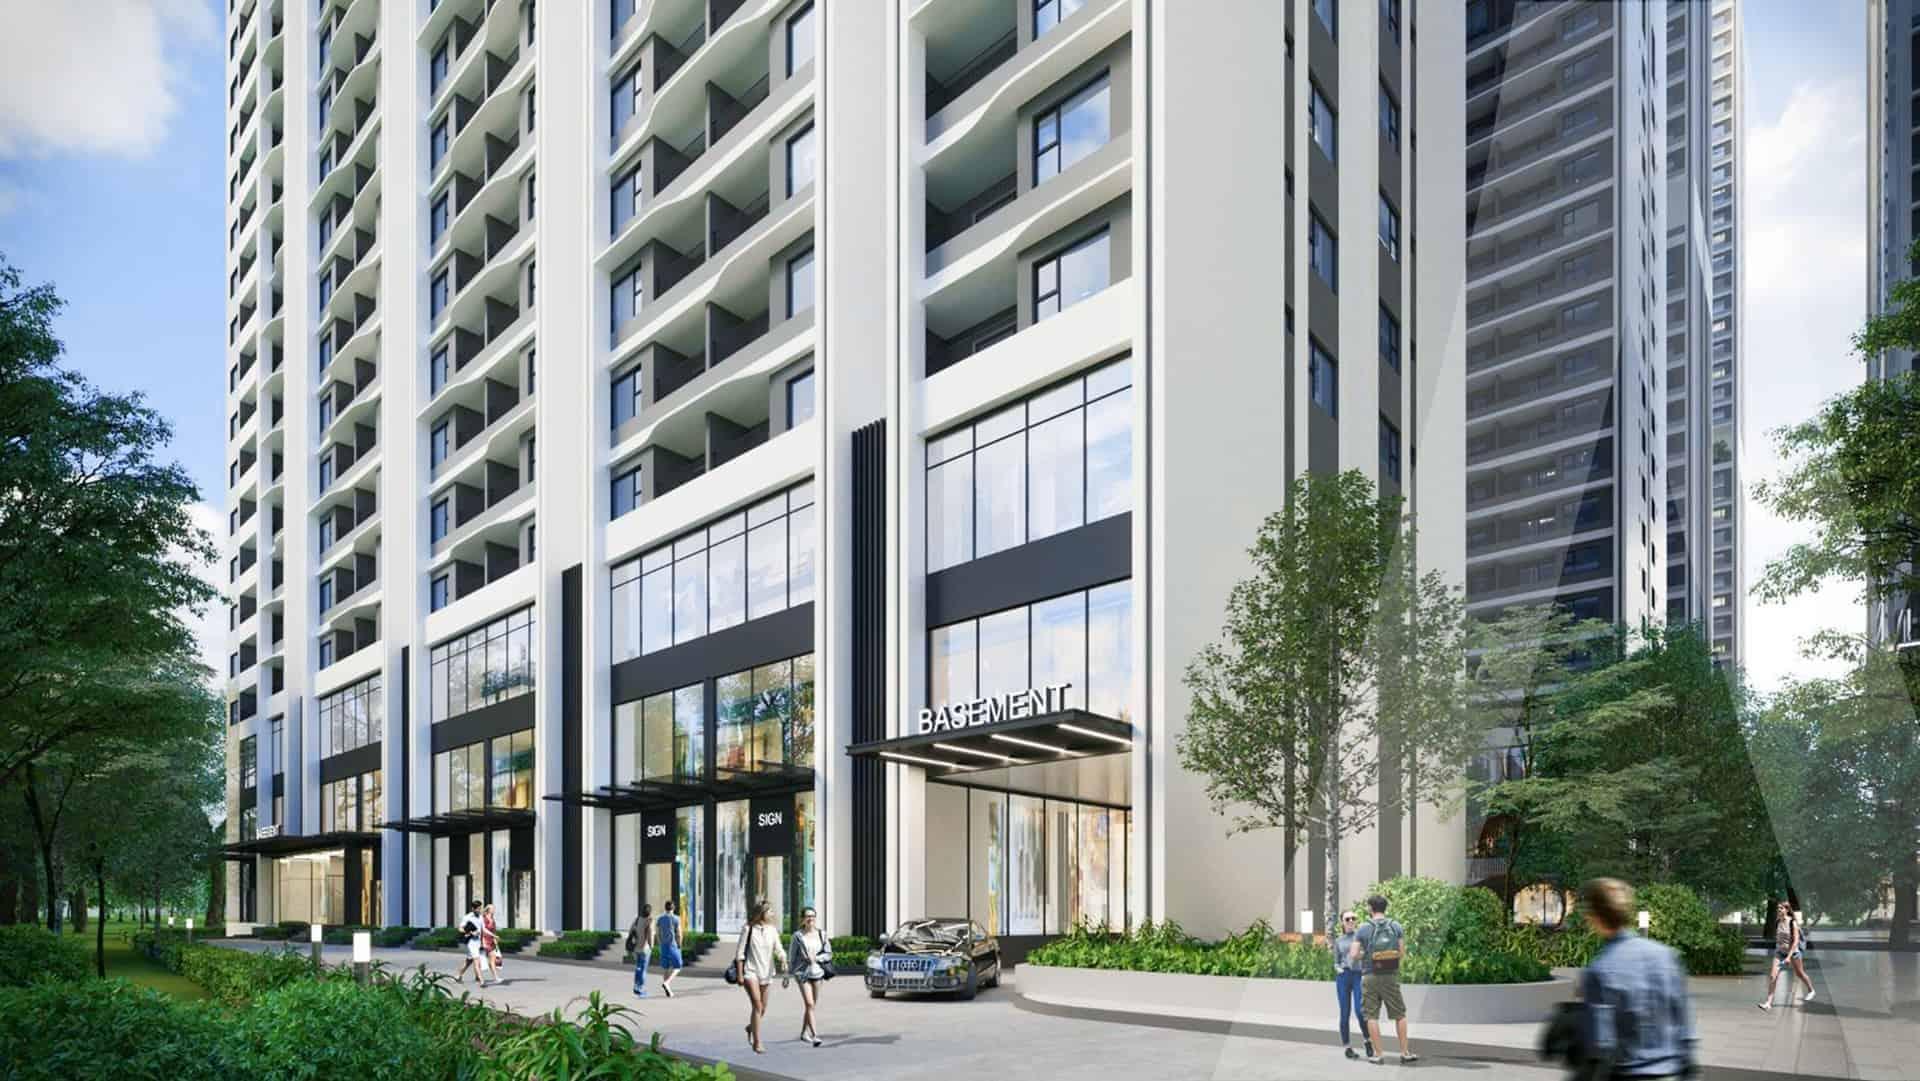 Astral City thiết kế định hình căn hộ cao cấp